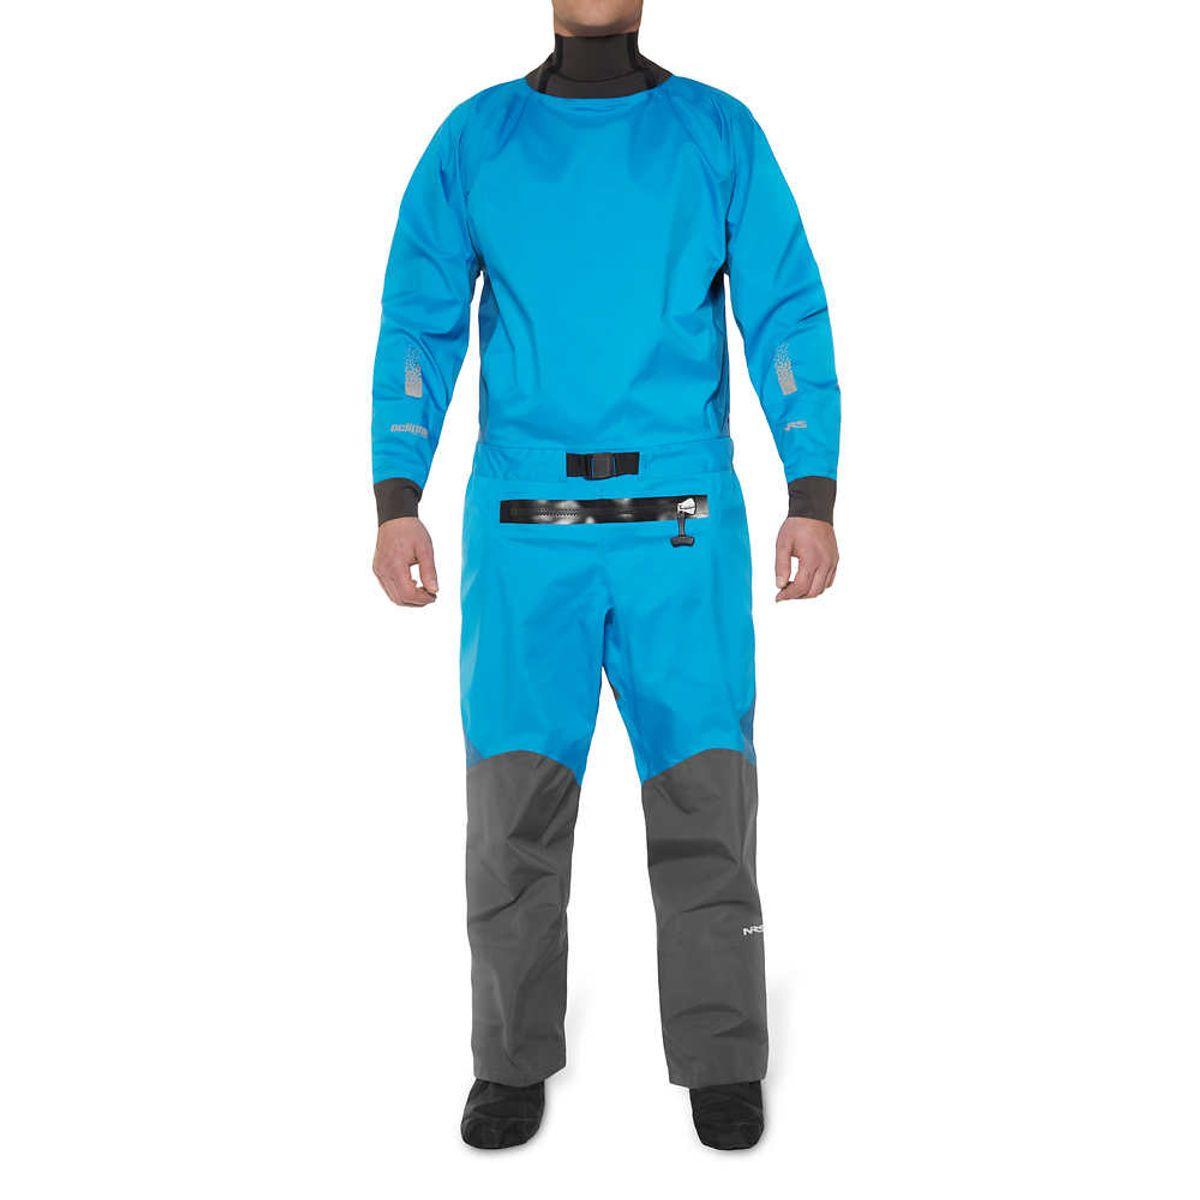 NRS Explorer Drysuit Kajakk Image